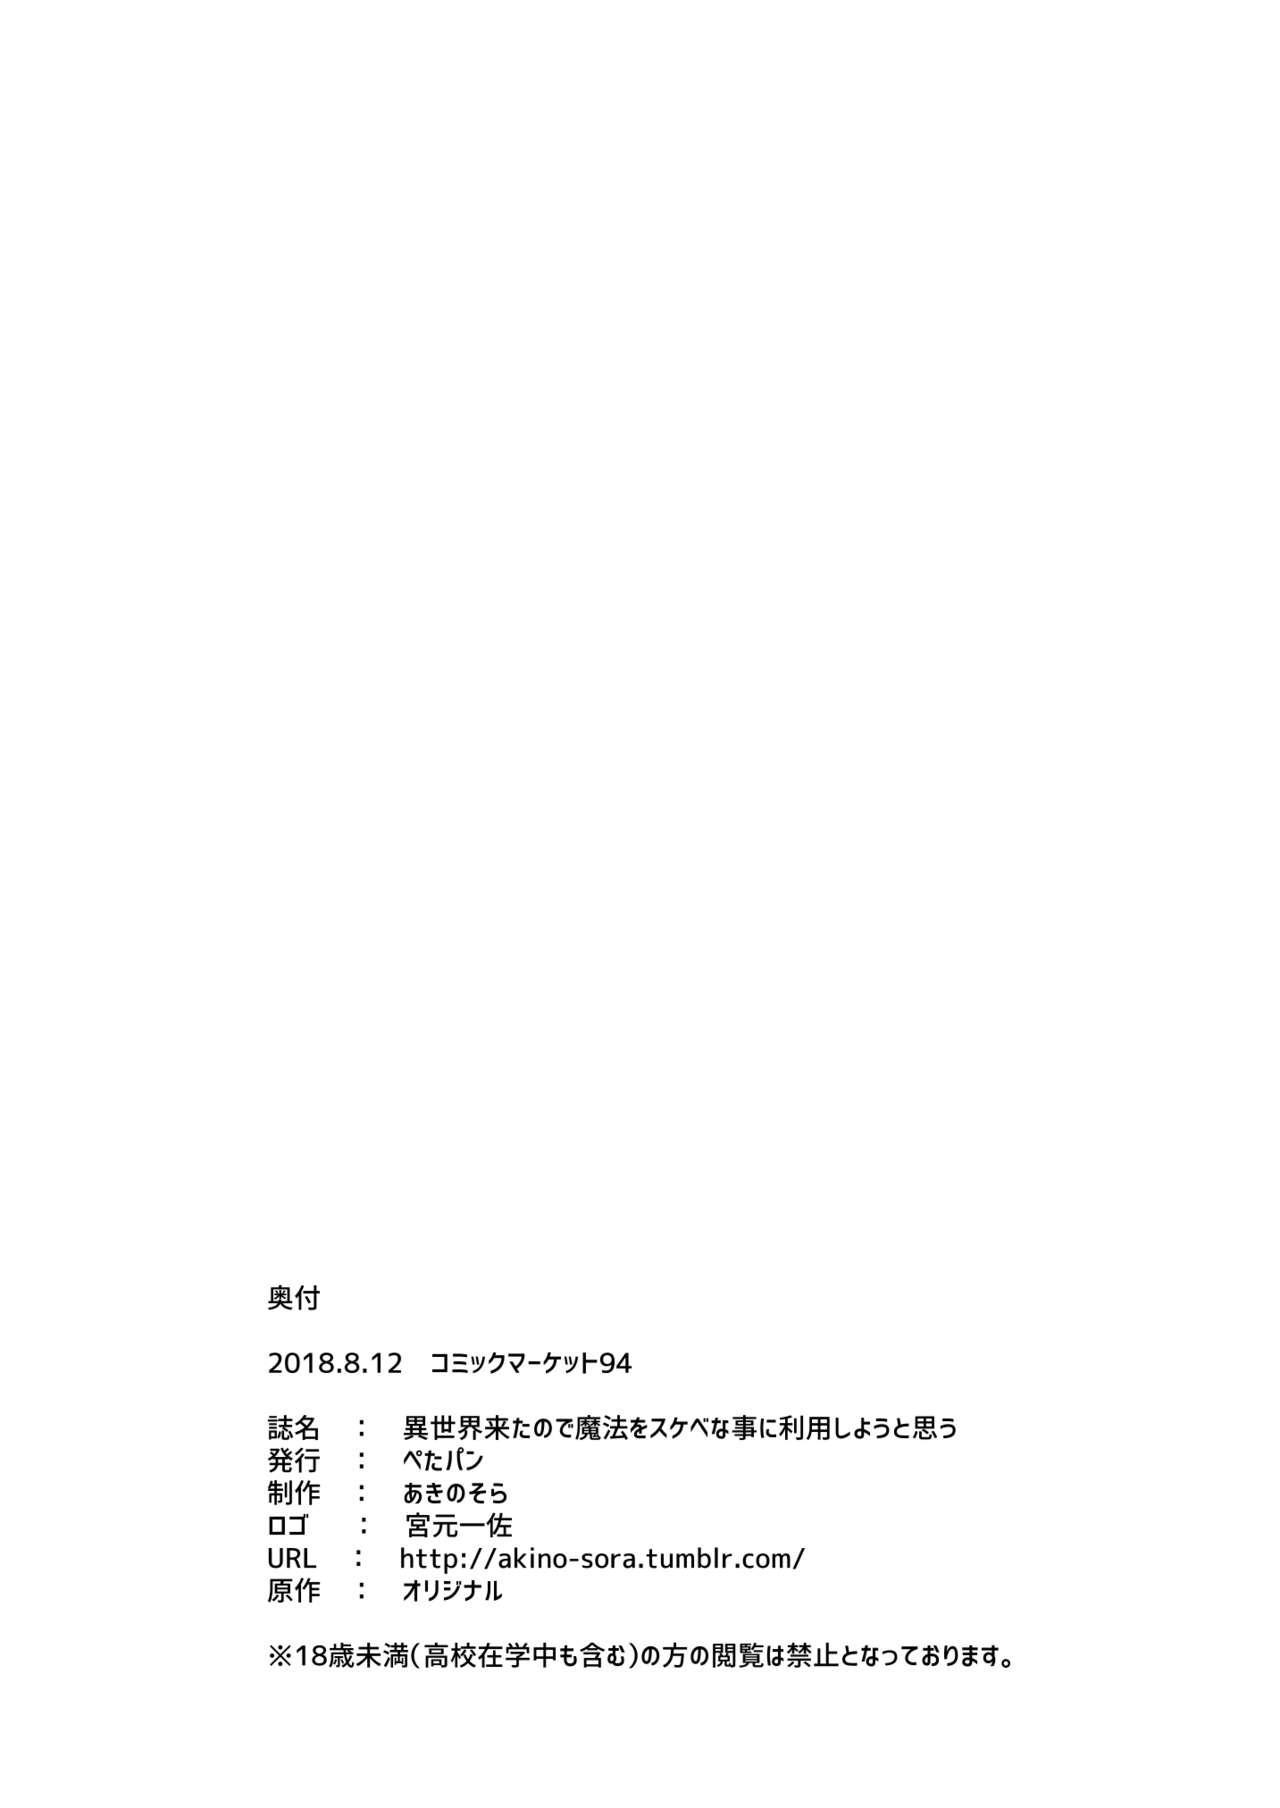 Isekai Kita no de Mahou o Sukebe na Koto ni Riyou Shiyou to Omou 24